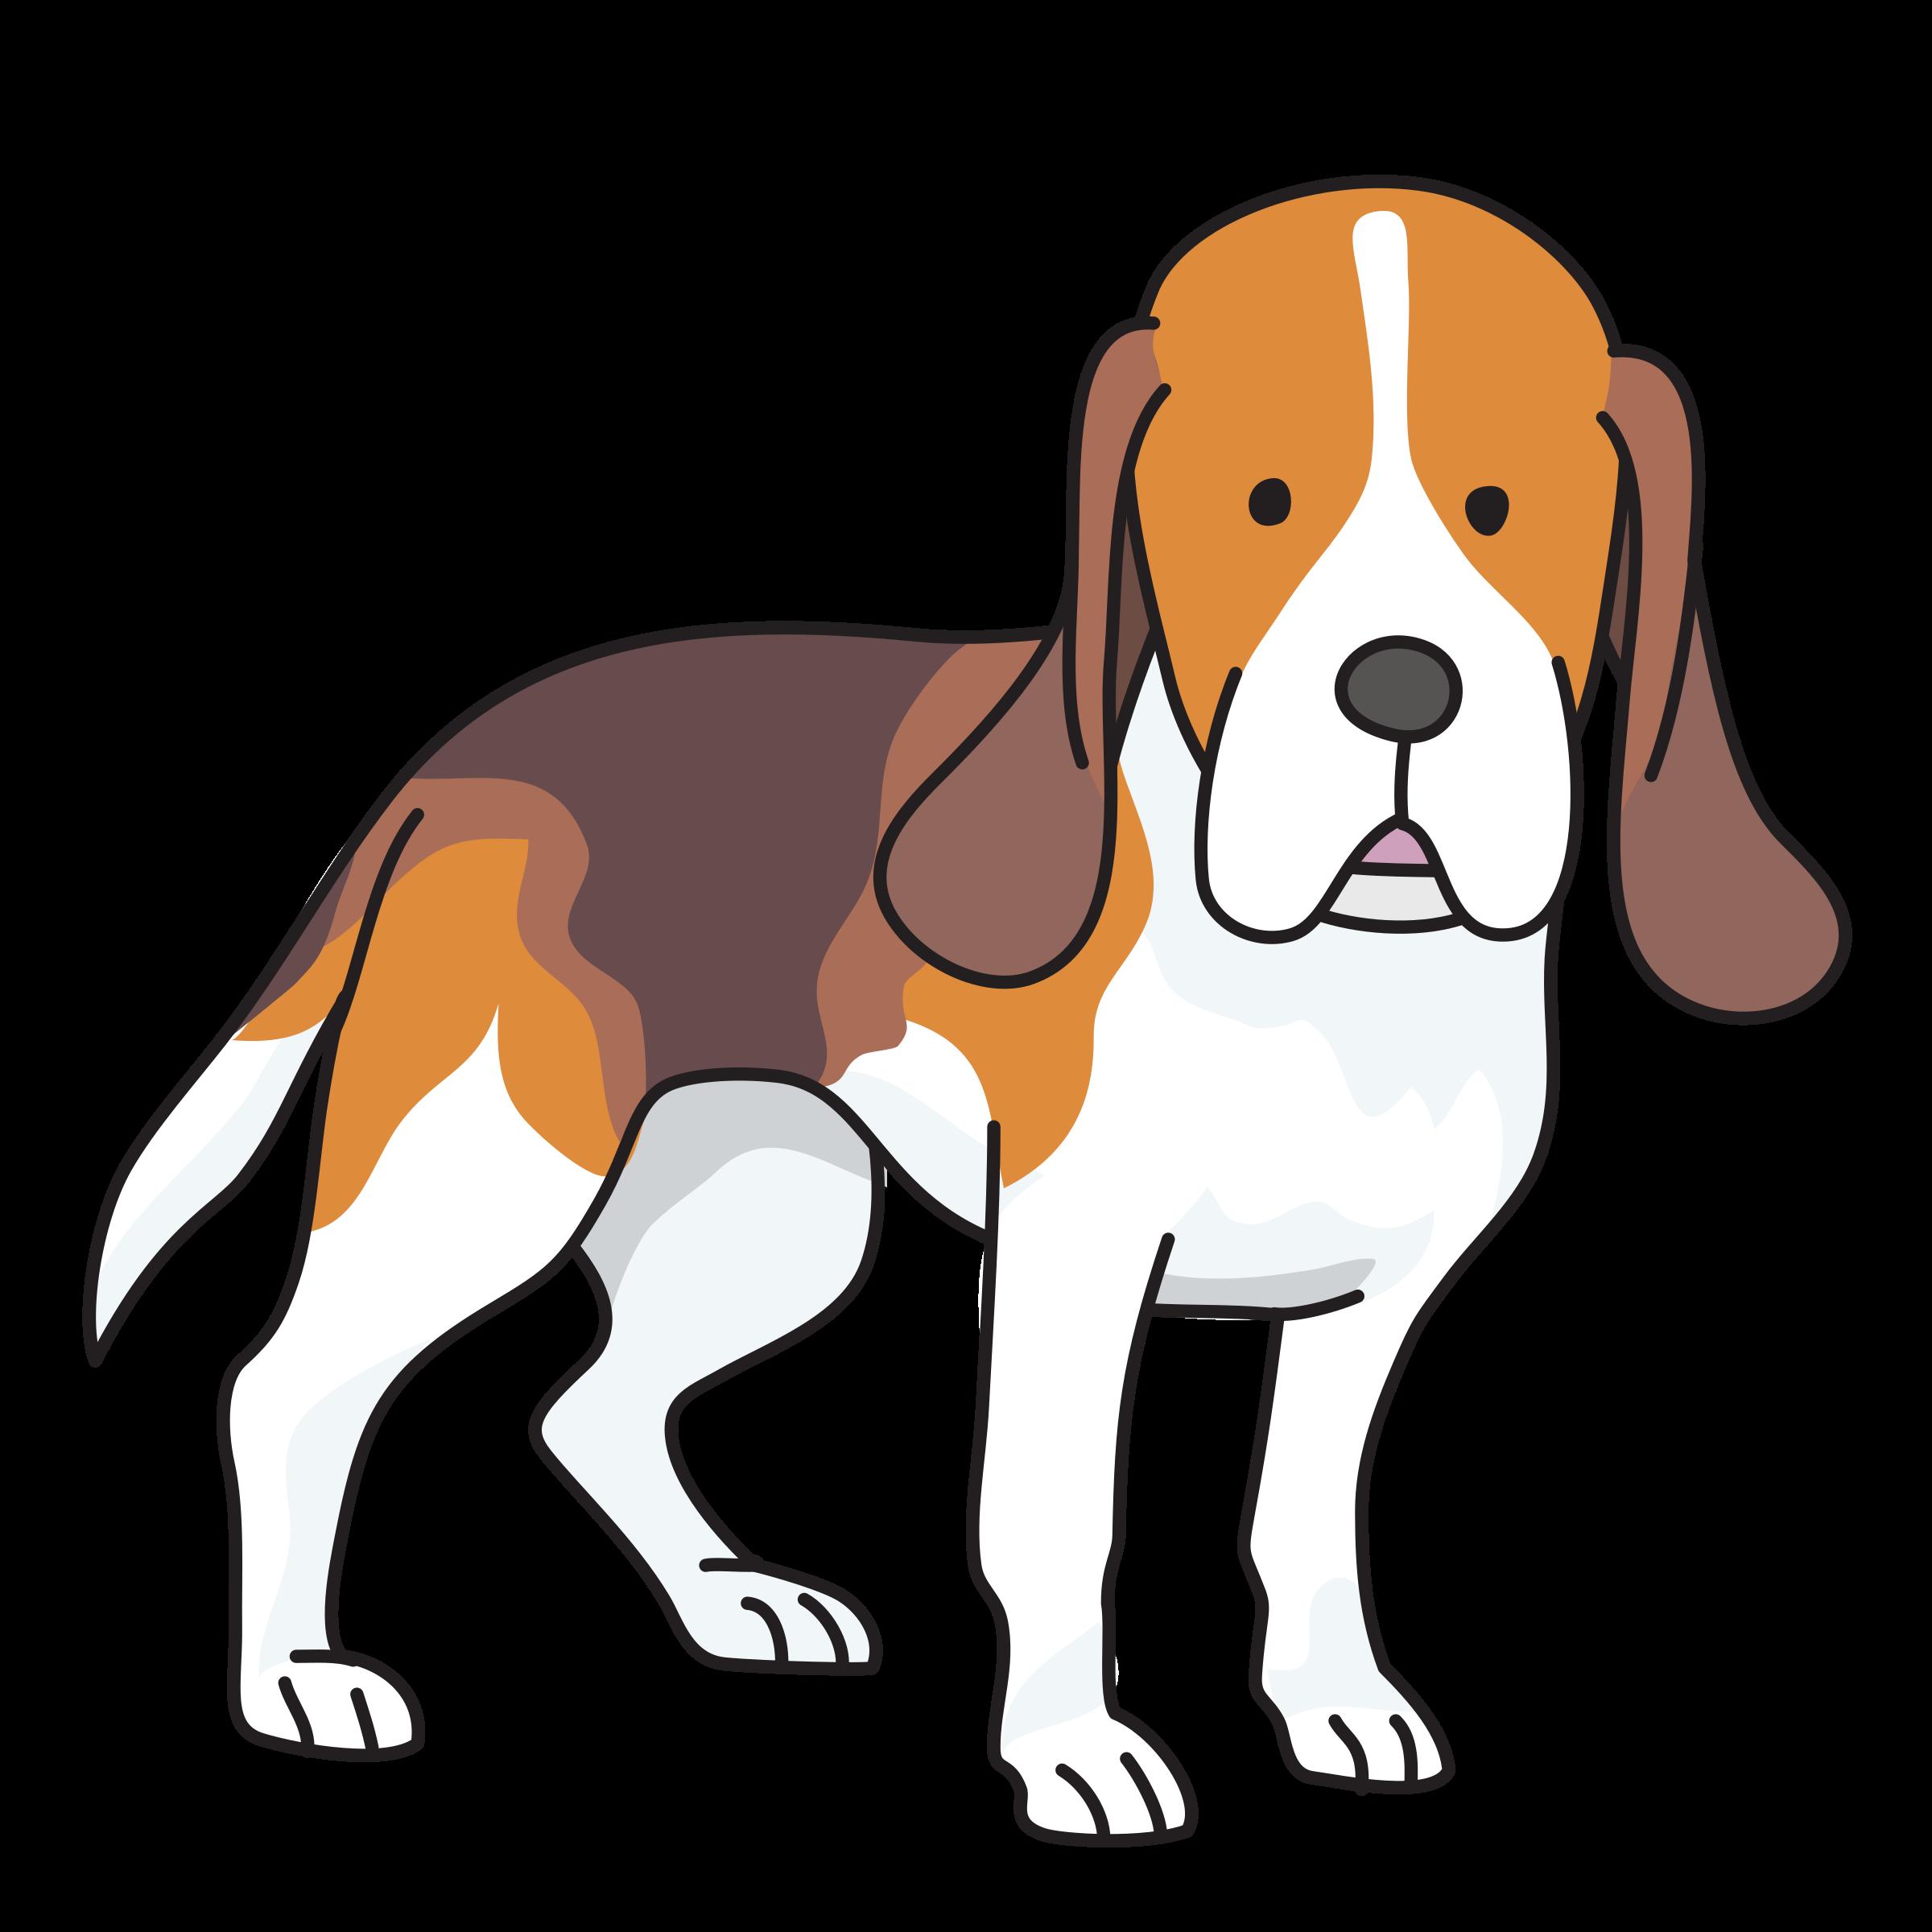 svg transparent Beagle clipart. Dog big image png.